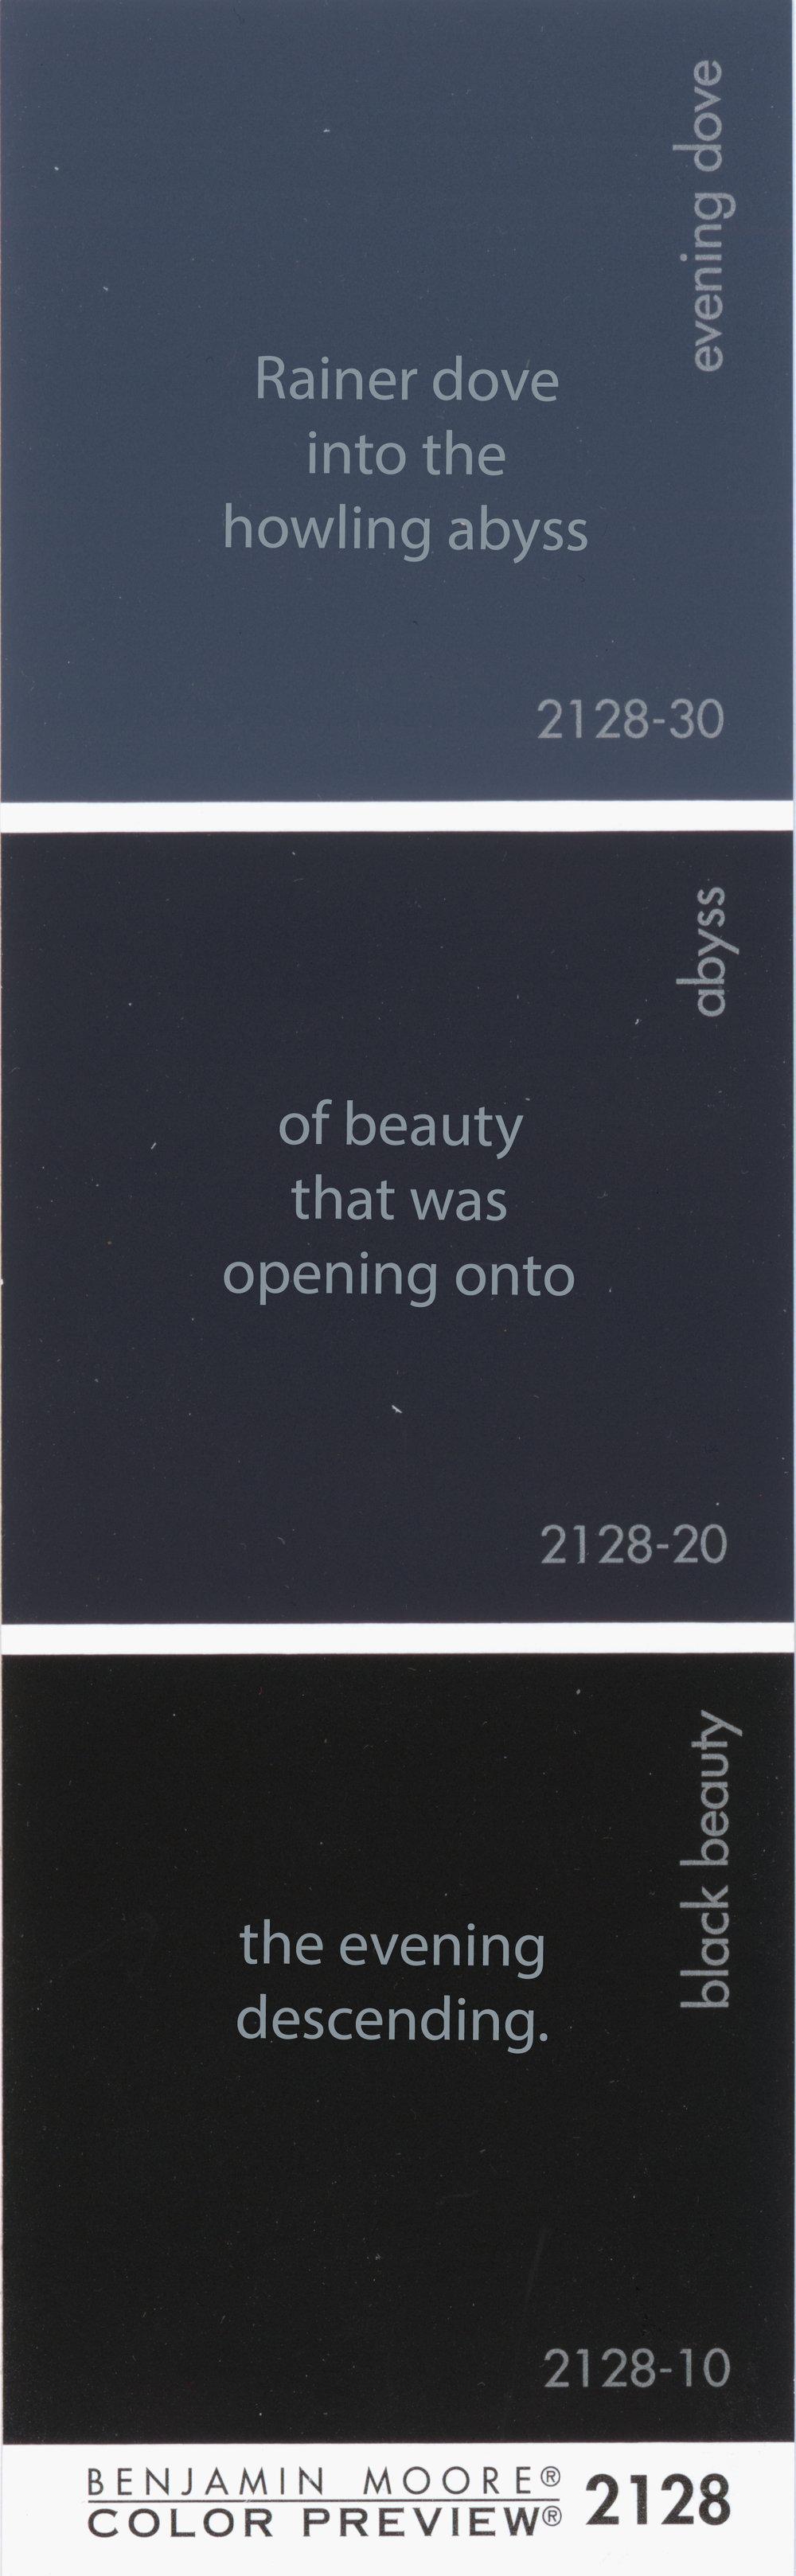 AbyssOfBeauty-01.jpg